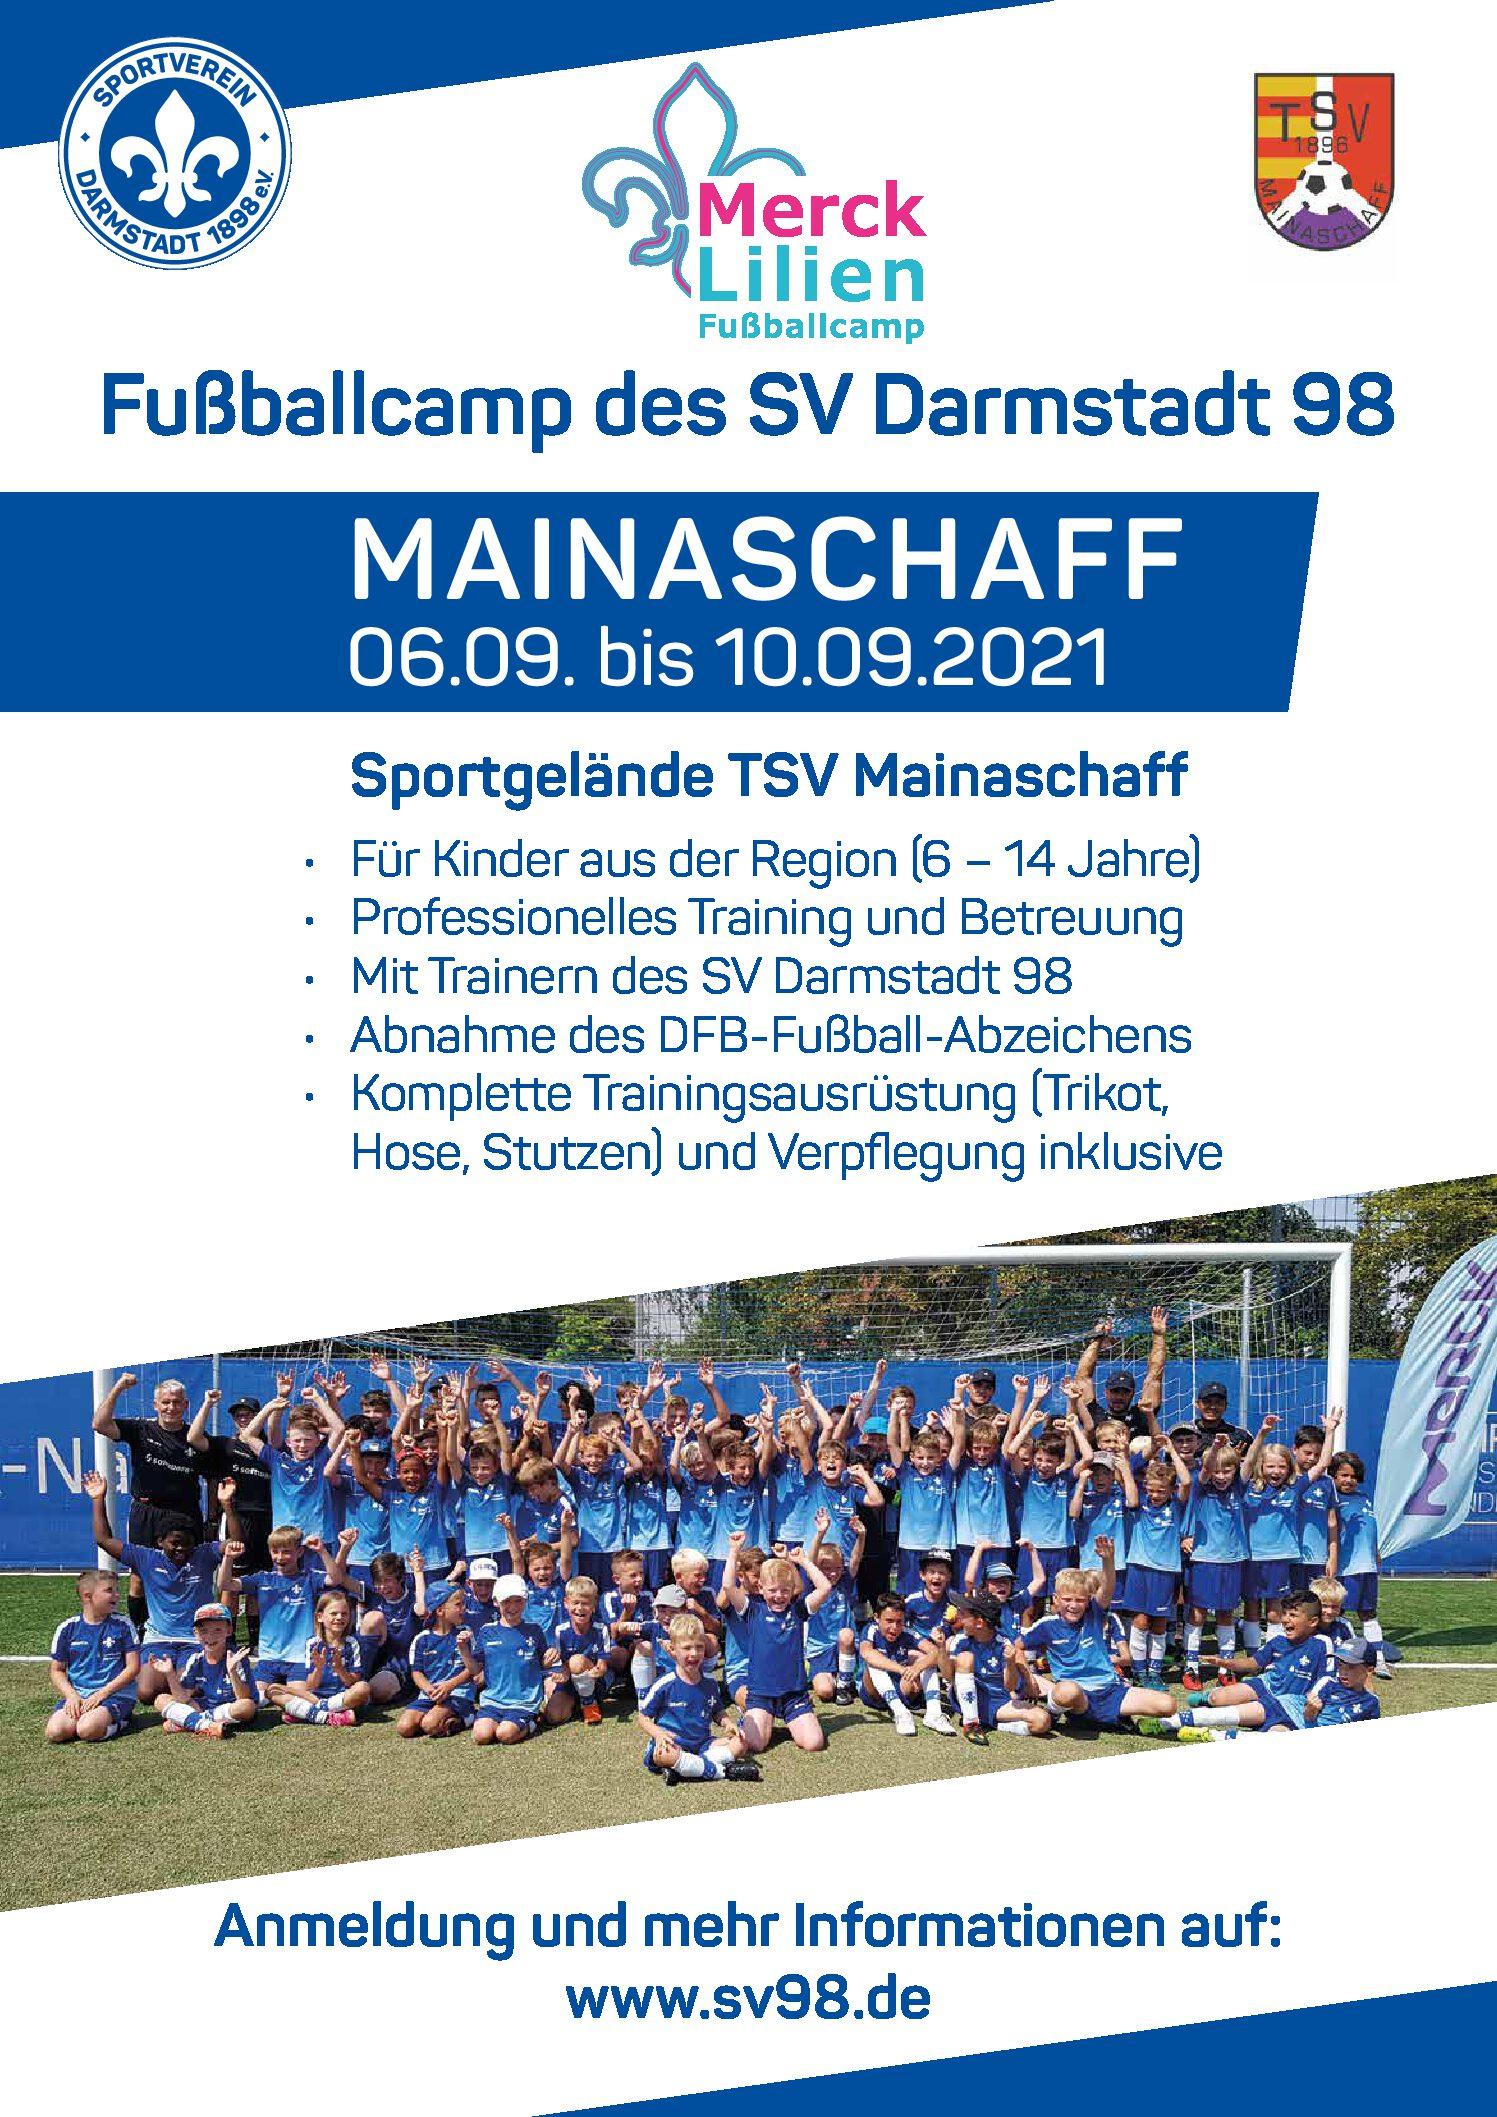 *** Fußball Camp von Darmstadt 98 ***